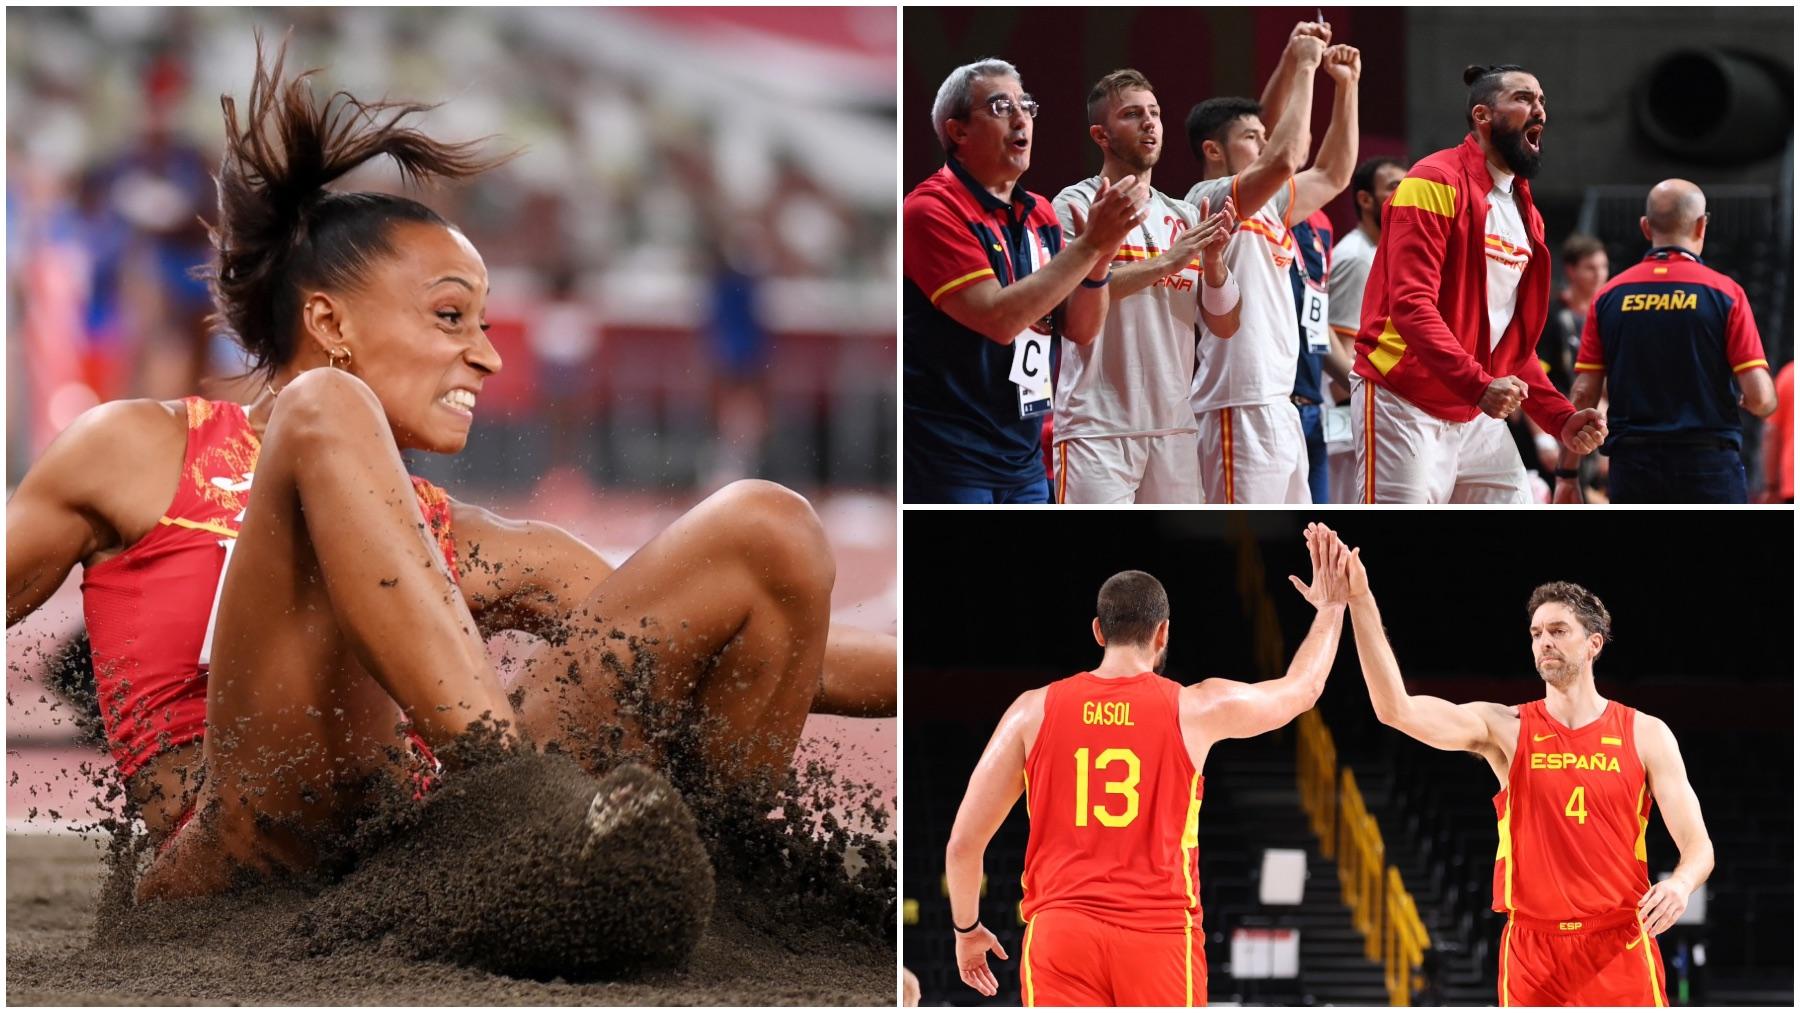 Agenda de los Juegos Olímpicos de Tokio para los españoles de hoy domingo 1 de agosto.